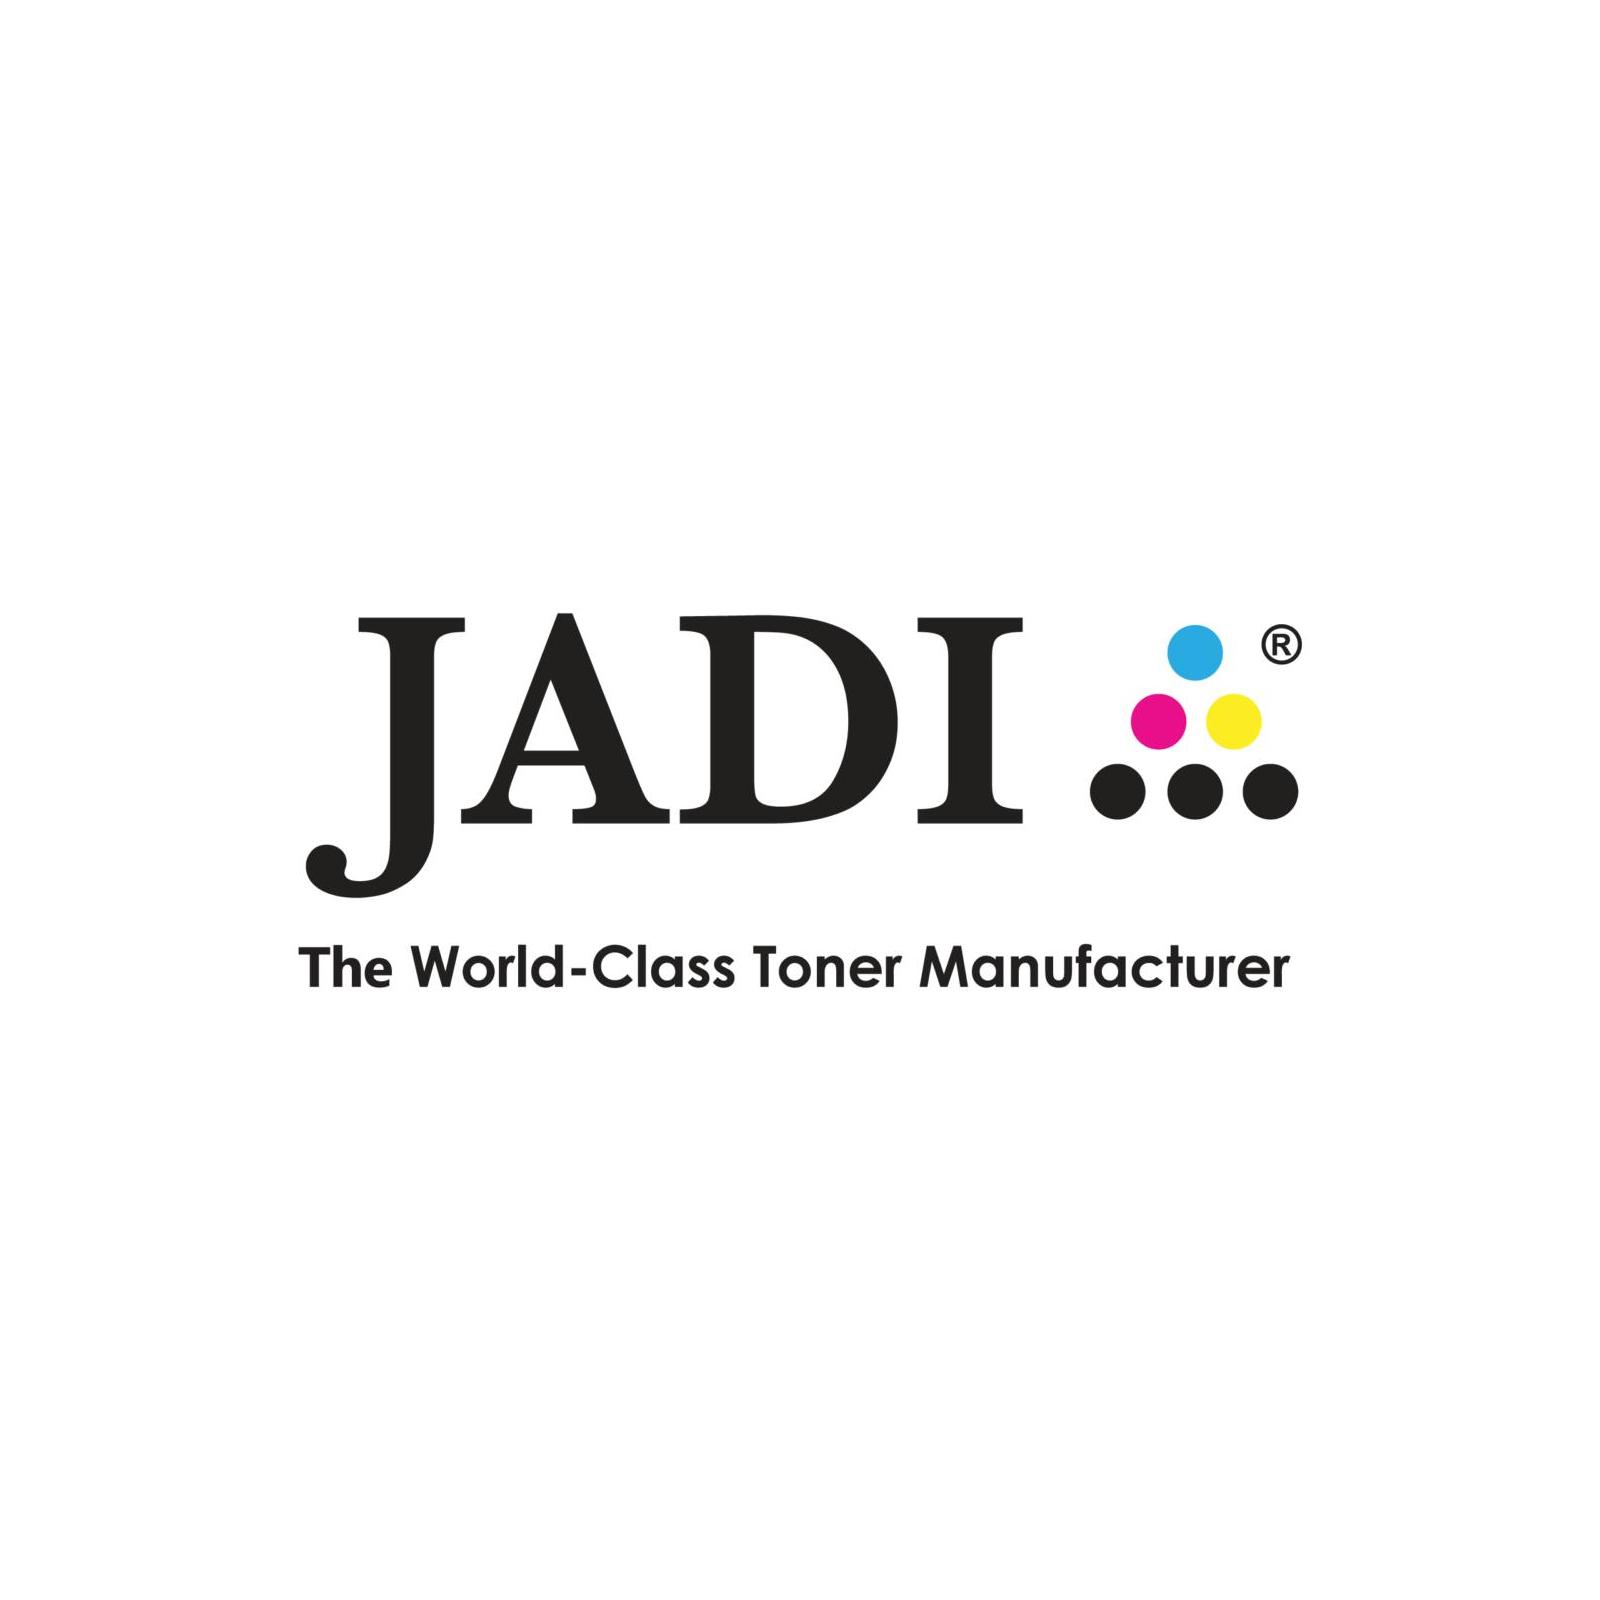 Тонер HP LJ1010/1160/4250/P1005/M402/M604 1кг Jadi (TSM-JLT-075-1)